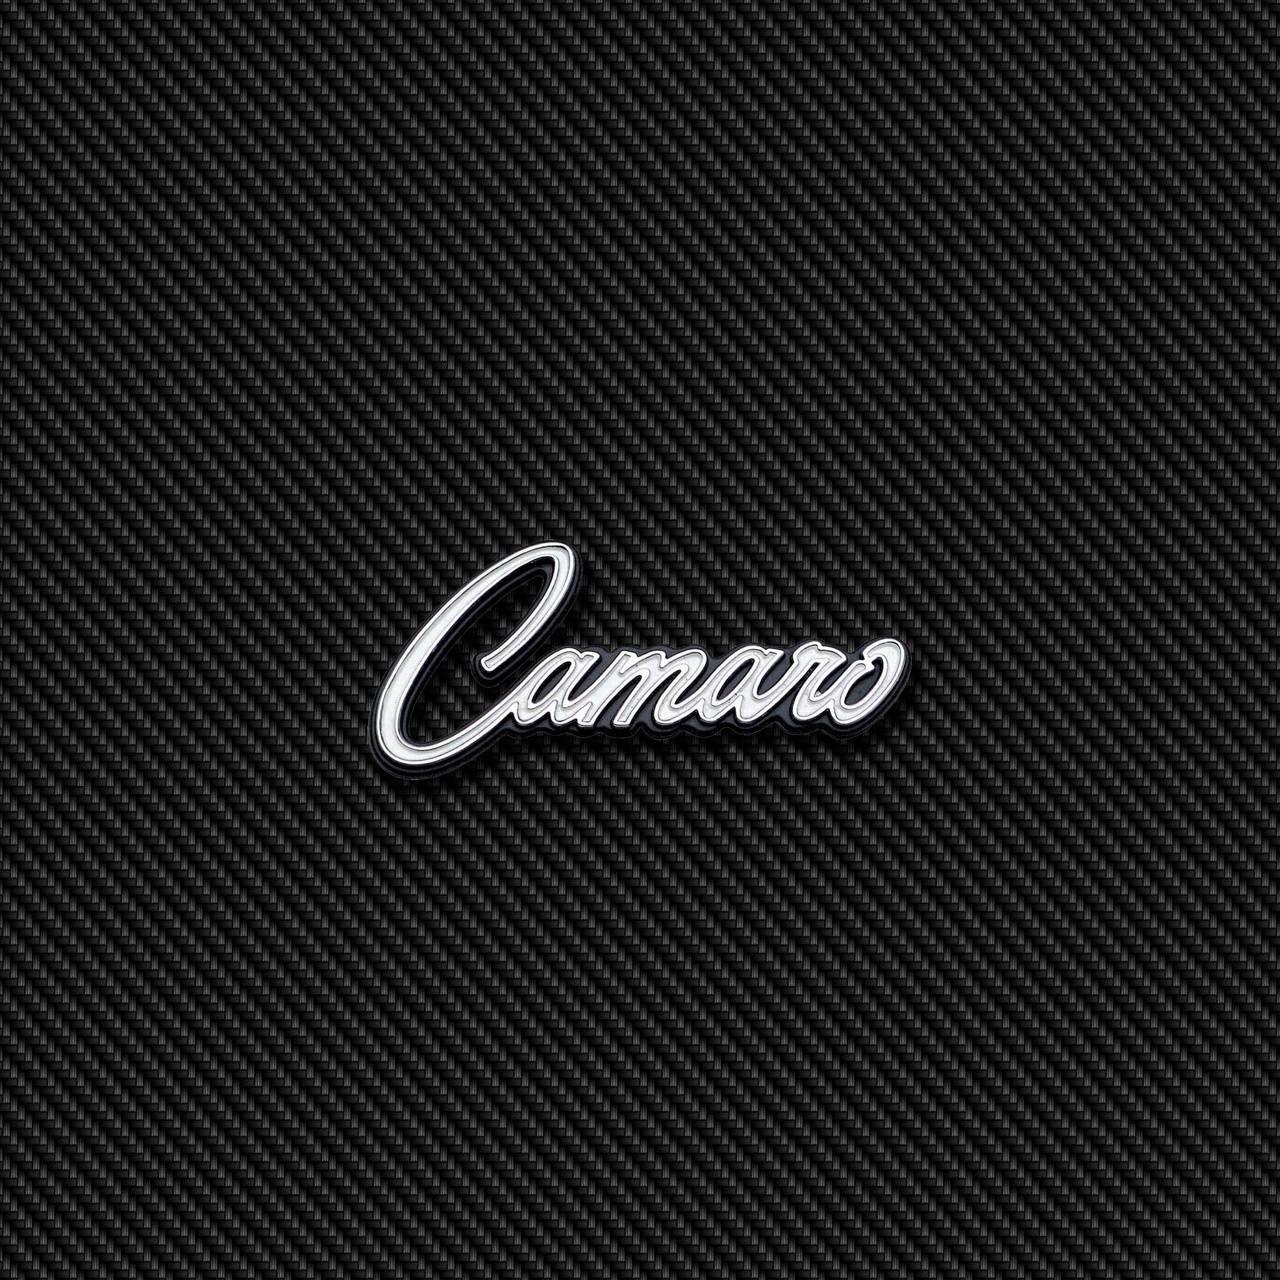 Camaro Carbon 1